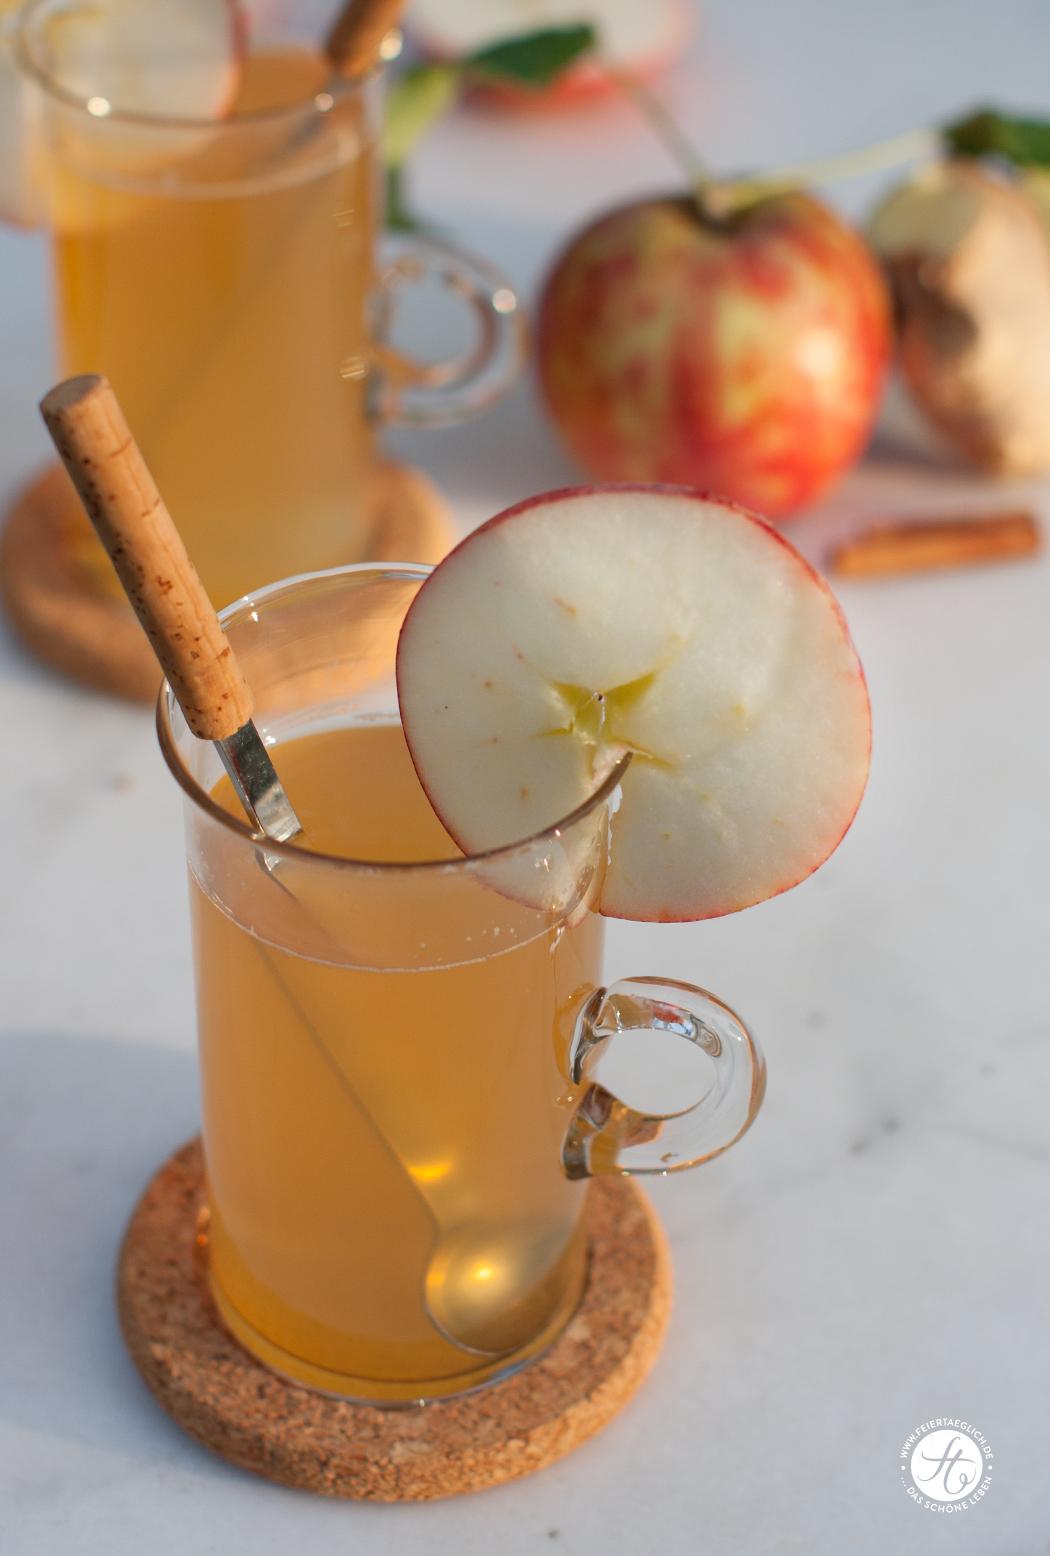 Launemacher Apfel-Ingwer-Zimt Tee